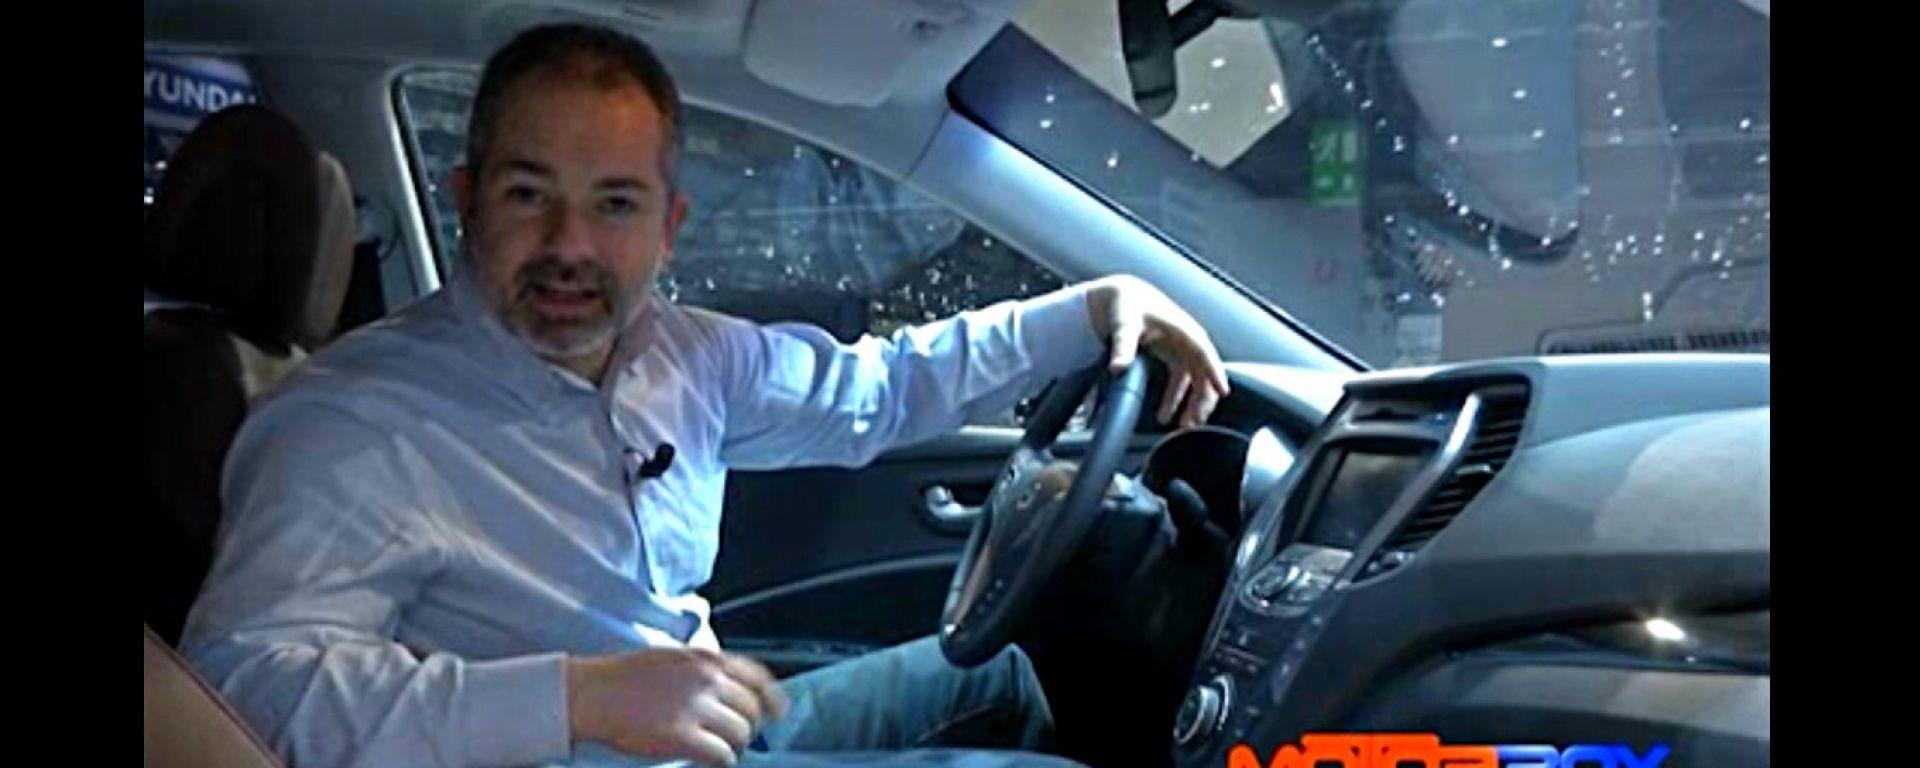 Salone di Ginevra 2013: Hyundai